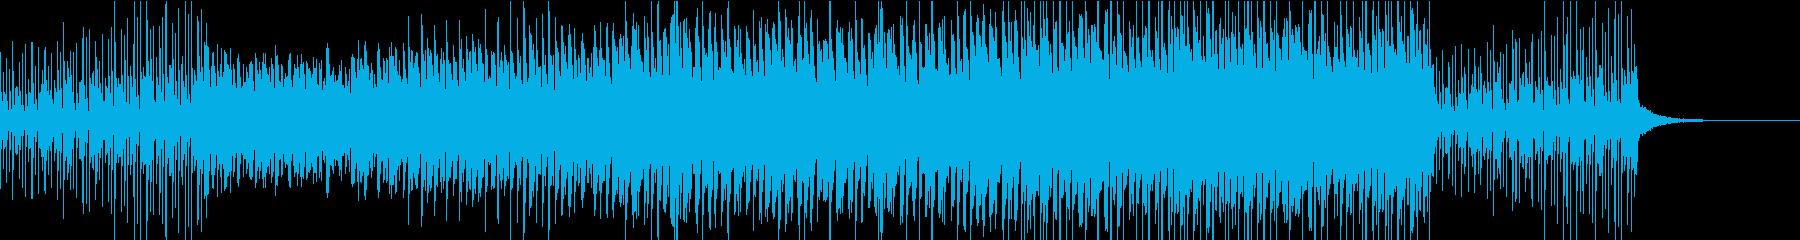 イベントの登場シーン等に お洒落なテクノの再生済みの波形